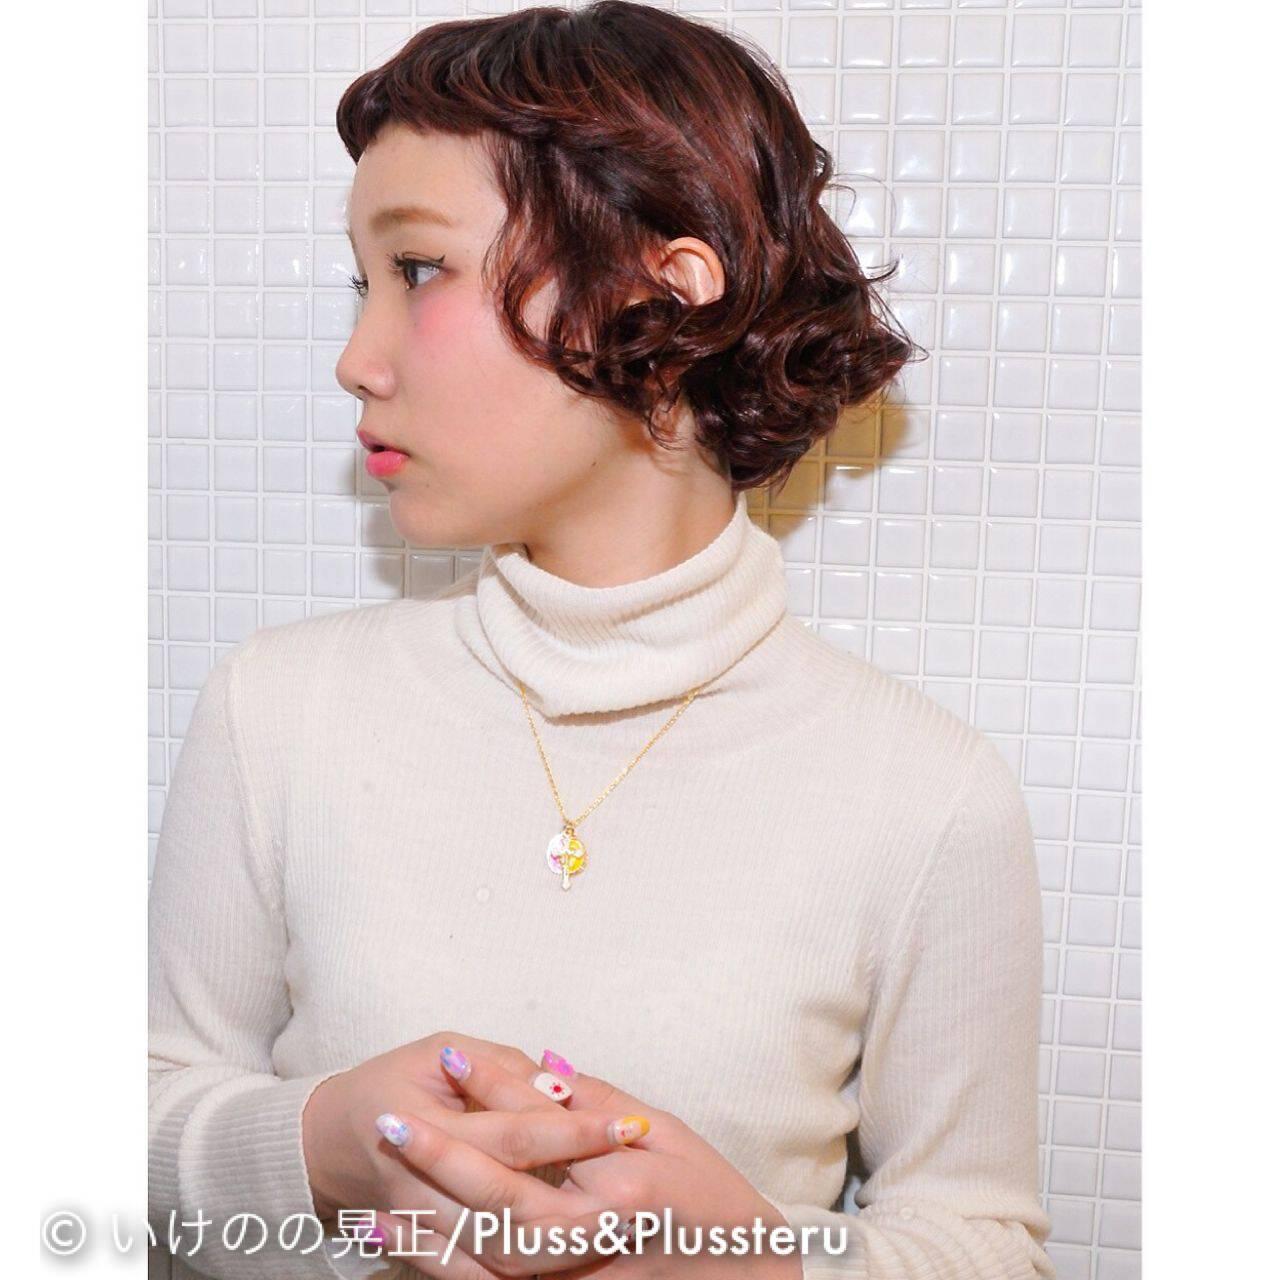 モード パーマ ピンク オン眉ヘアスタイルや髪型の写真・画像